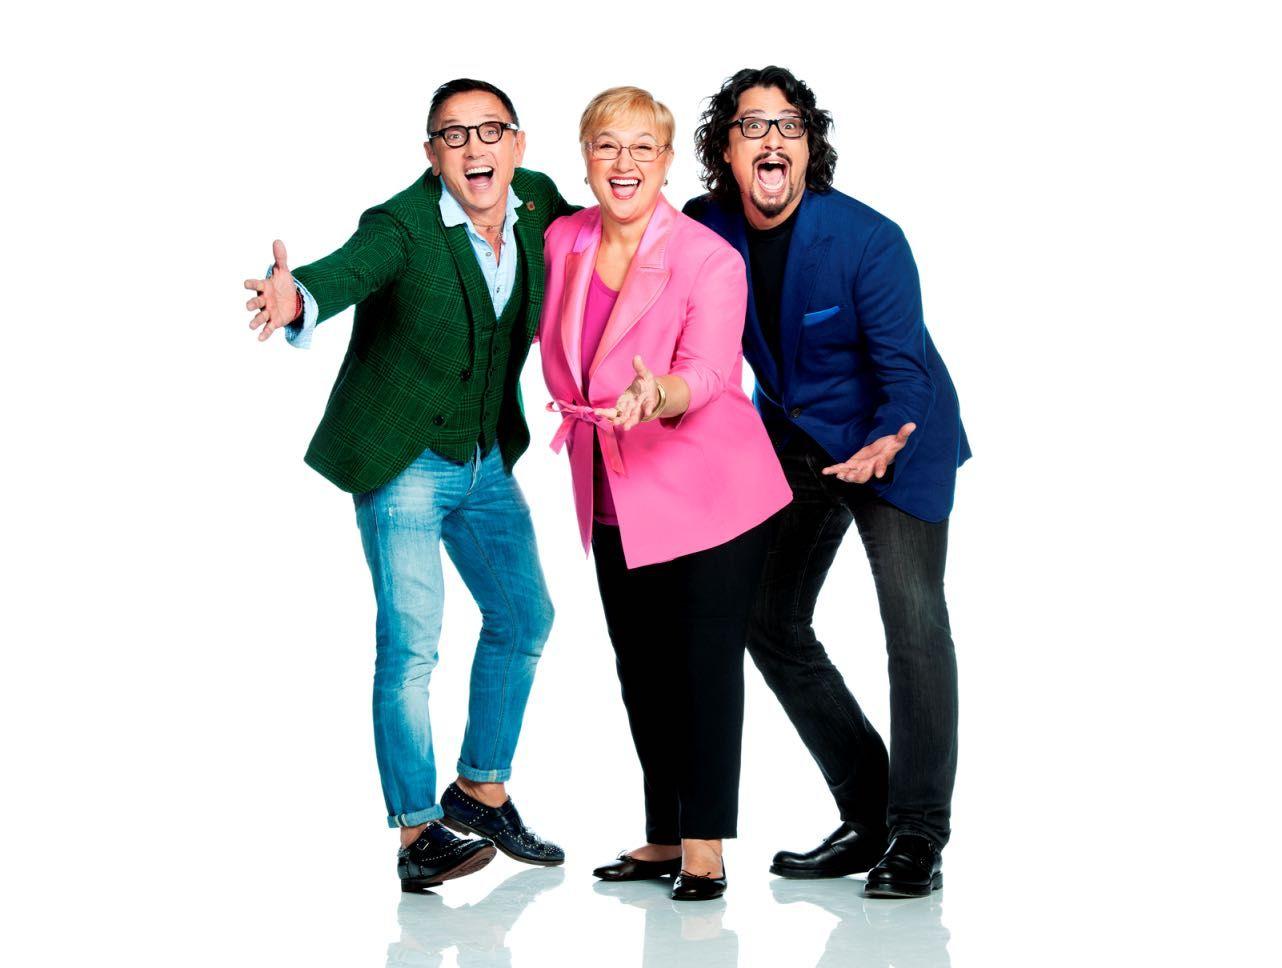 In prima tv su CIELO arriva JUNIOR MASTERCHEF ITALIA 2, con Lidia Bastianich, Bruno Barbieri e Alessandro Borghese.